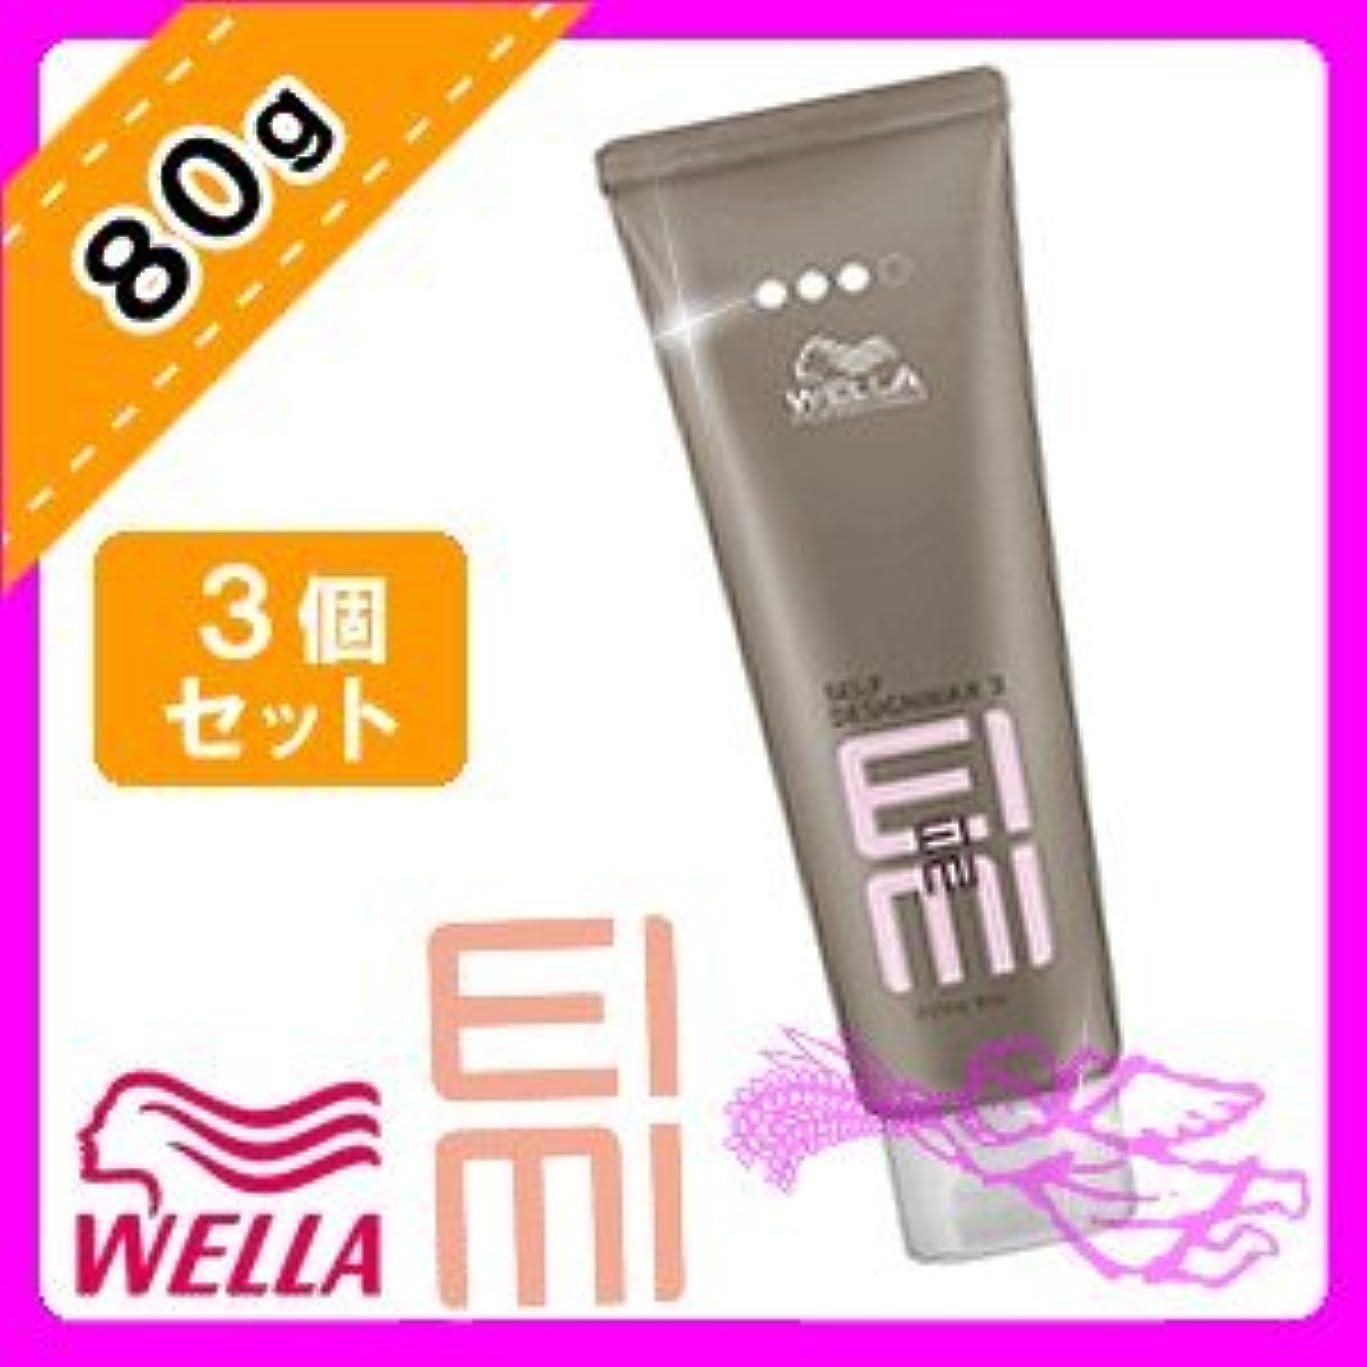 ウエラ EIMI(アイミィ) セルフデザインワックス3 80g ×3個 セット WELLA P&G